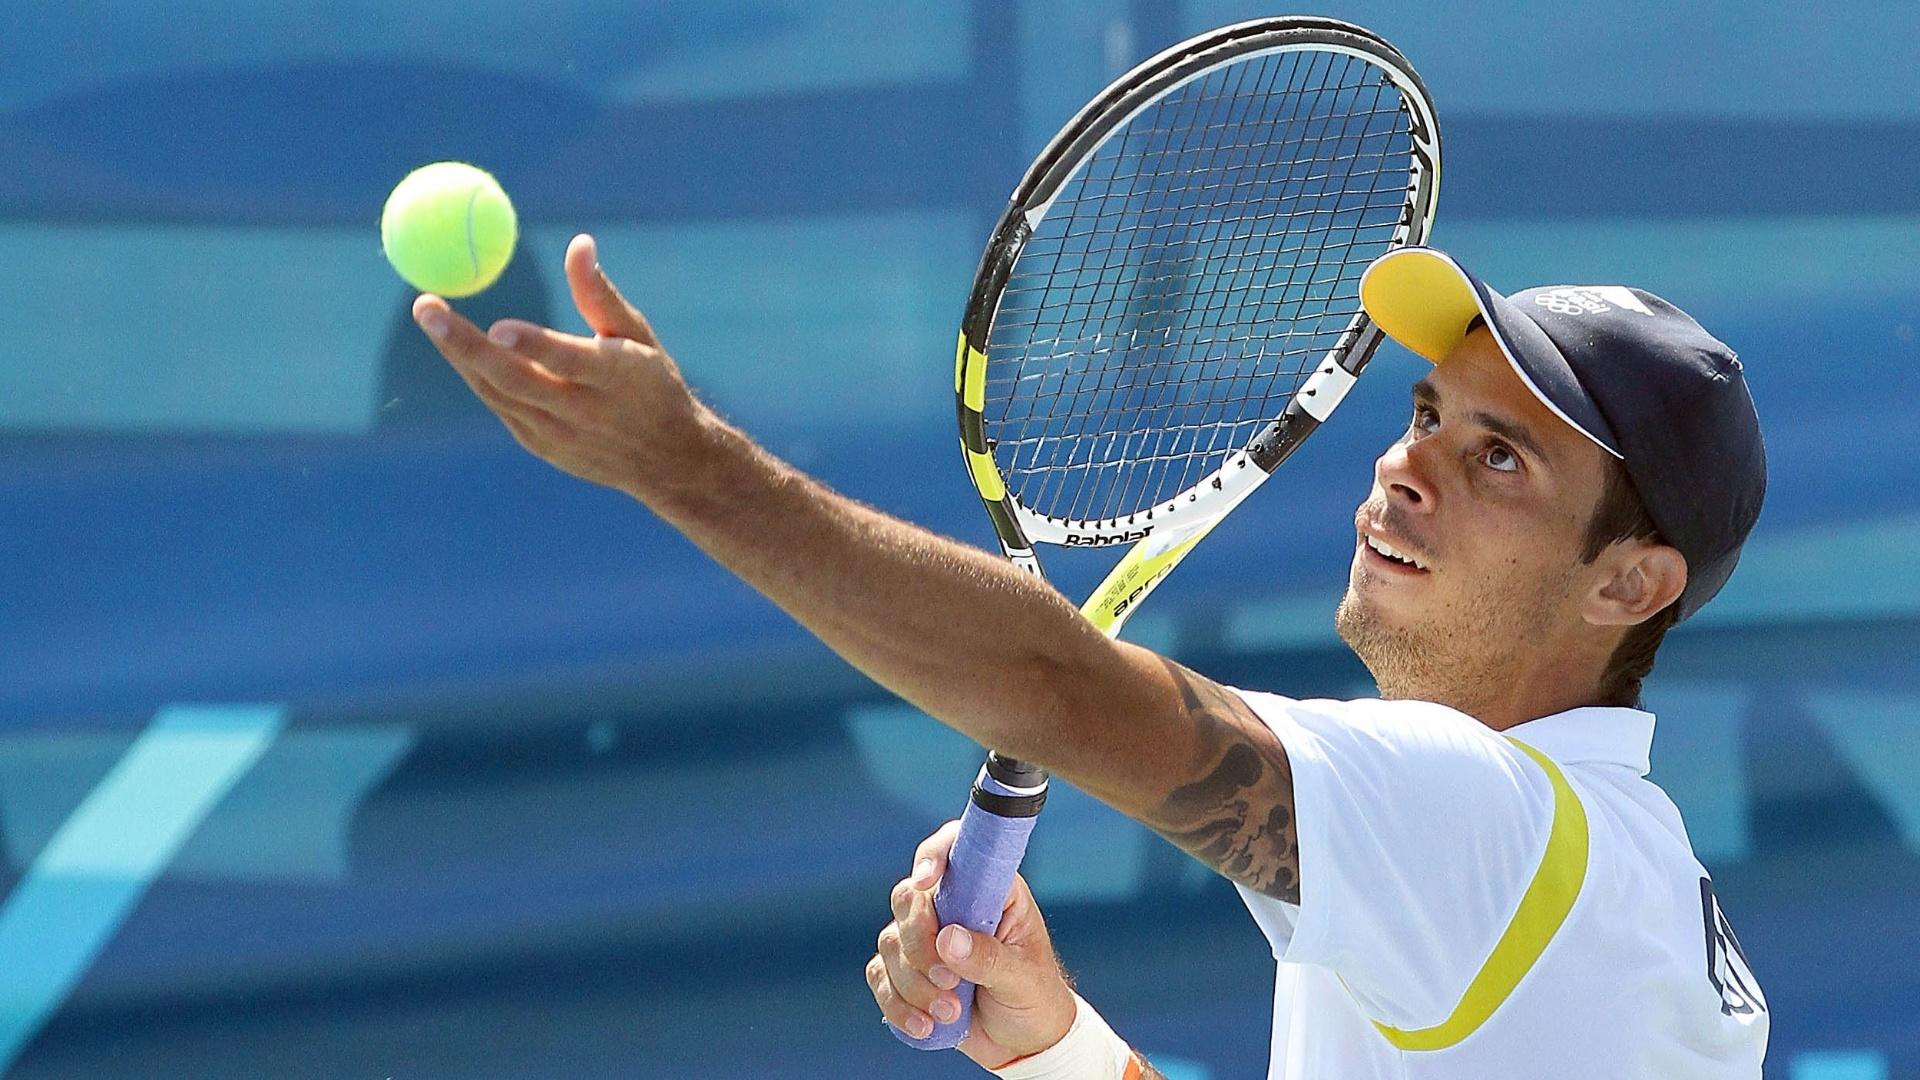 Rogério Dutra bateu o Norte Americano Greg Ouellette por 2 sets a 0 pela terceira rodada do tênis individual em Guadalajara